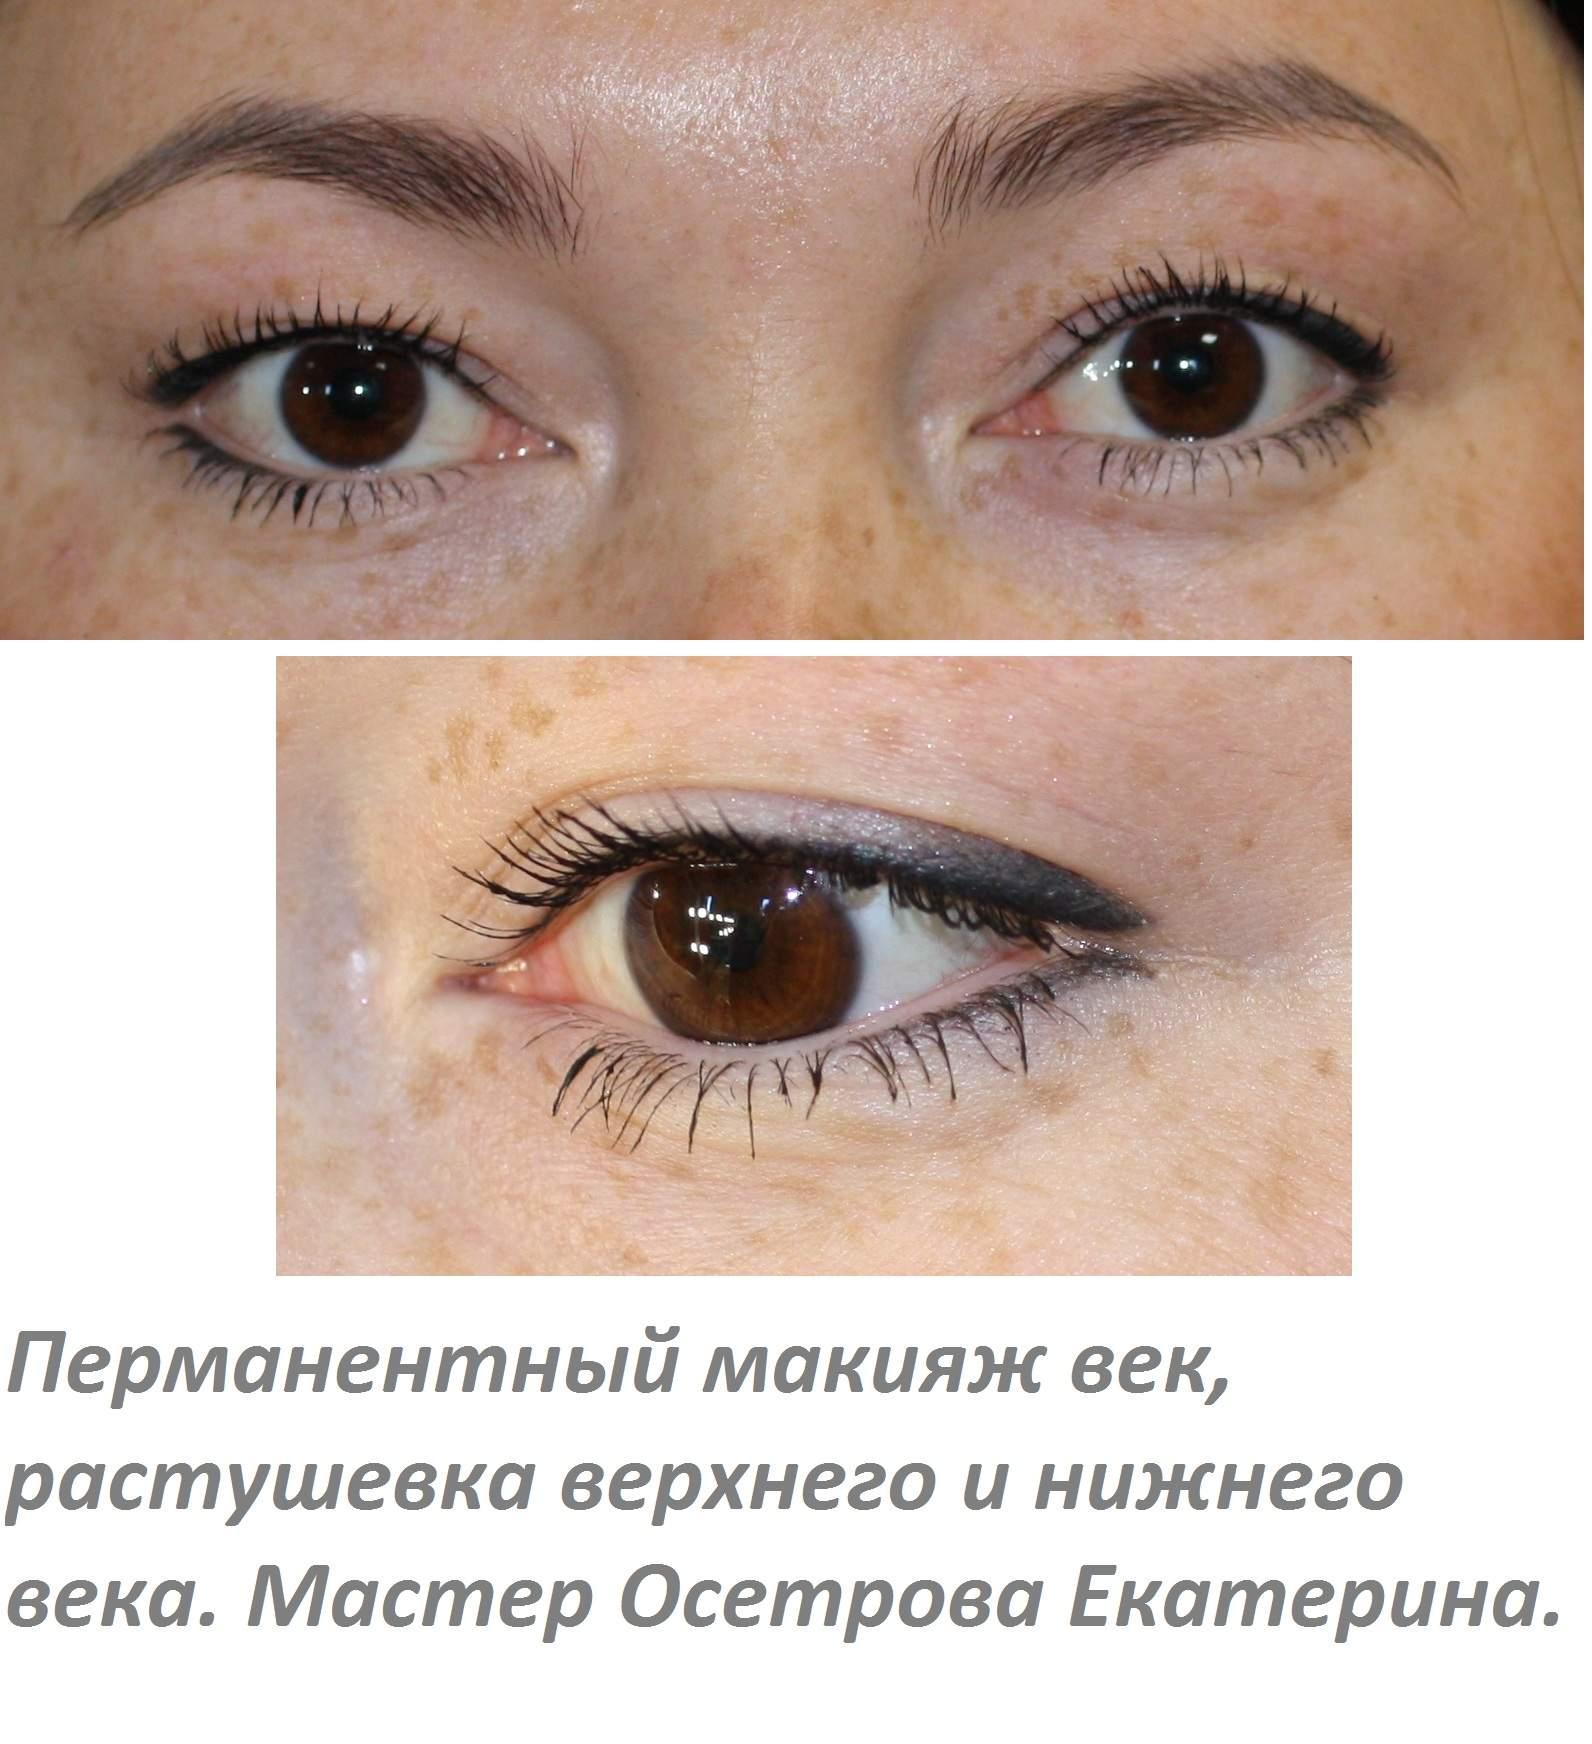 Перманентный макияж глаз нижнего и верхнего века фото